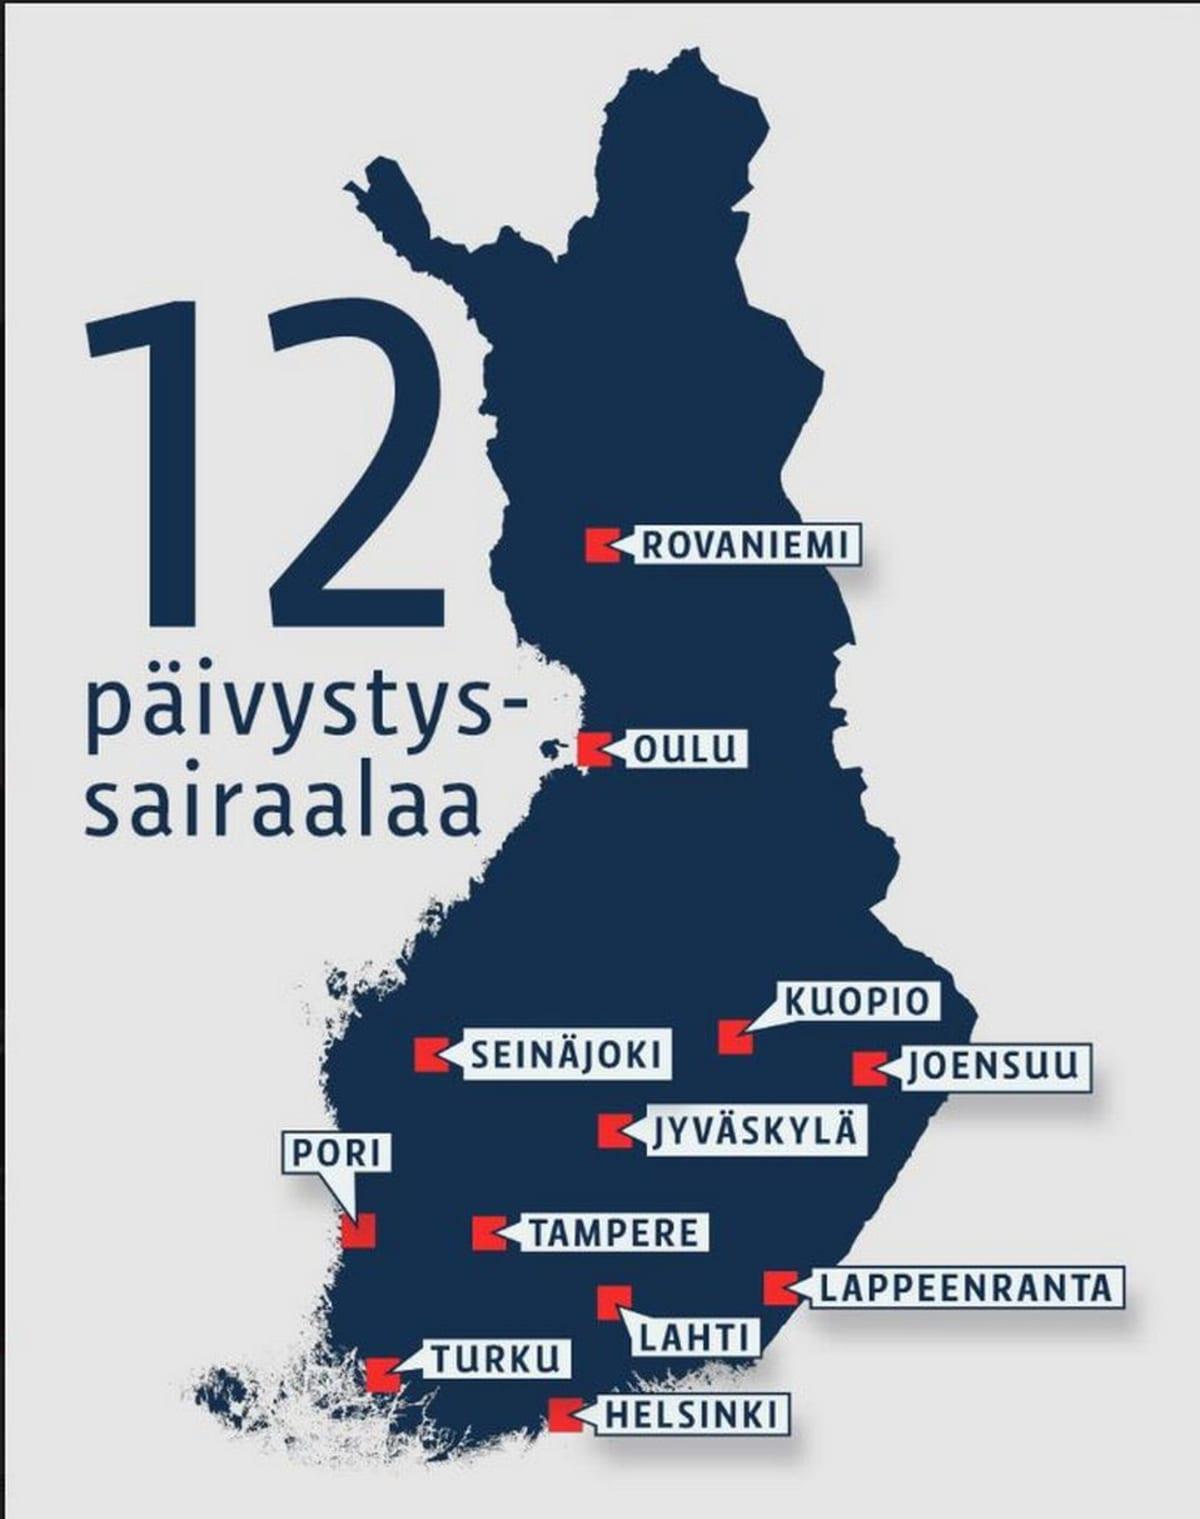 Suomen kartta ja siinä on 12 paikkakuntaa